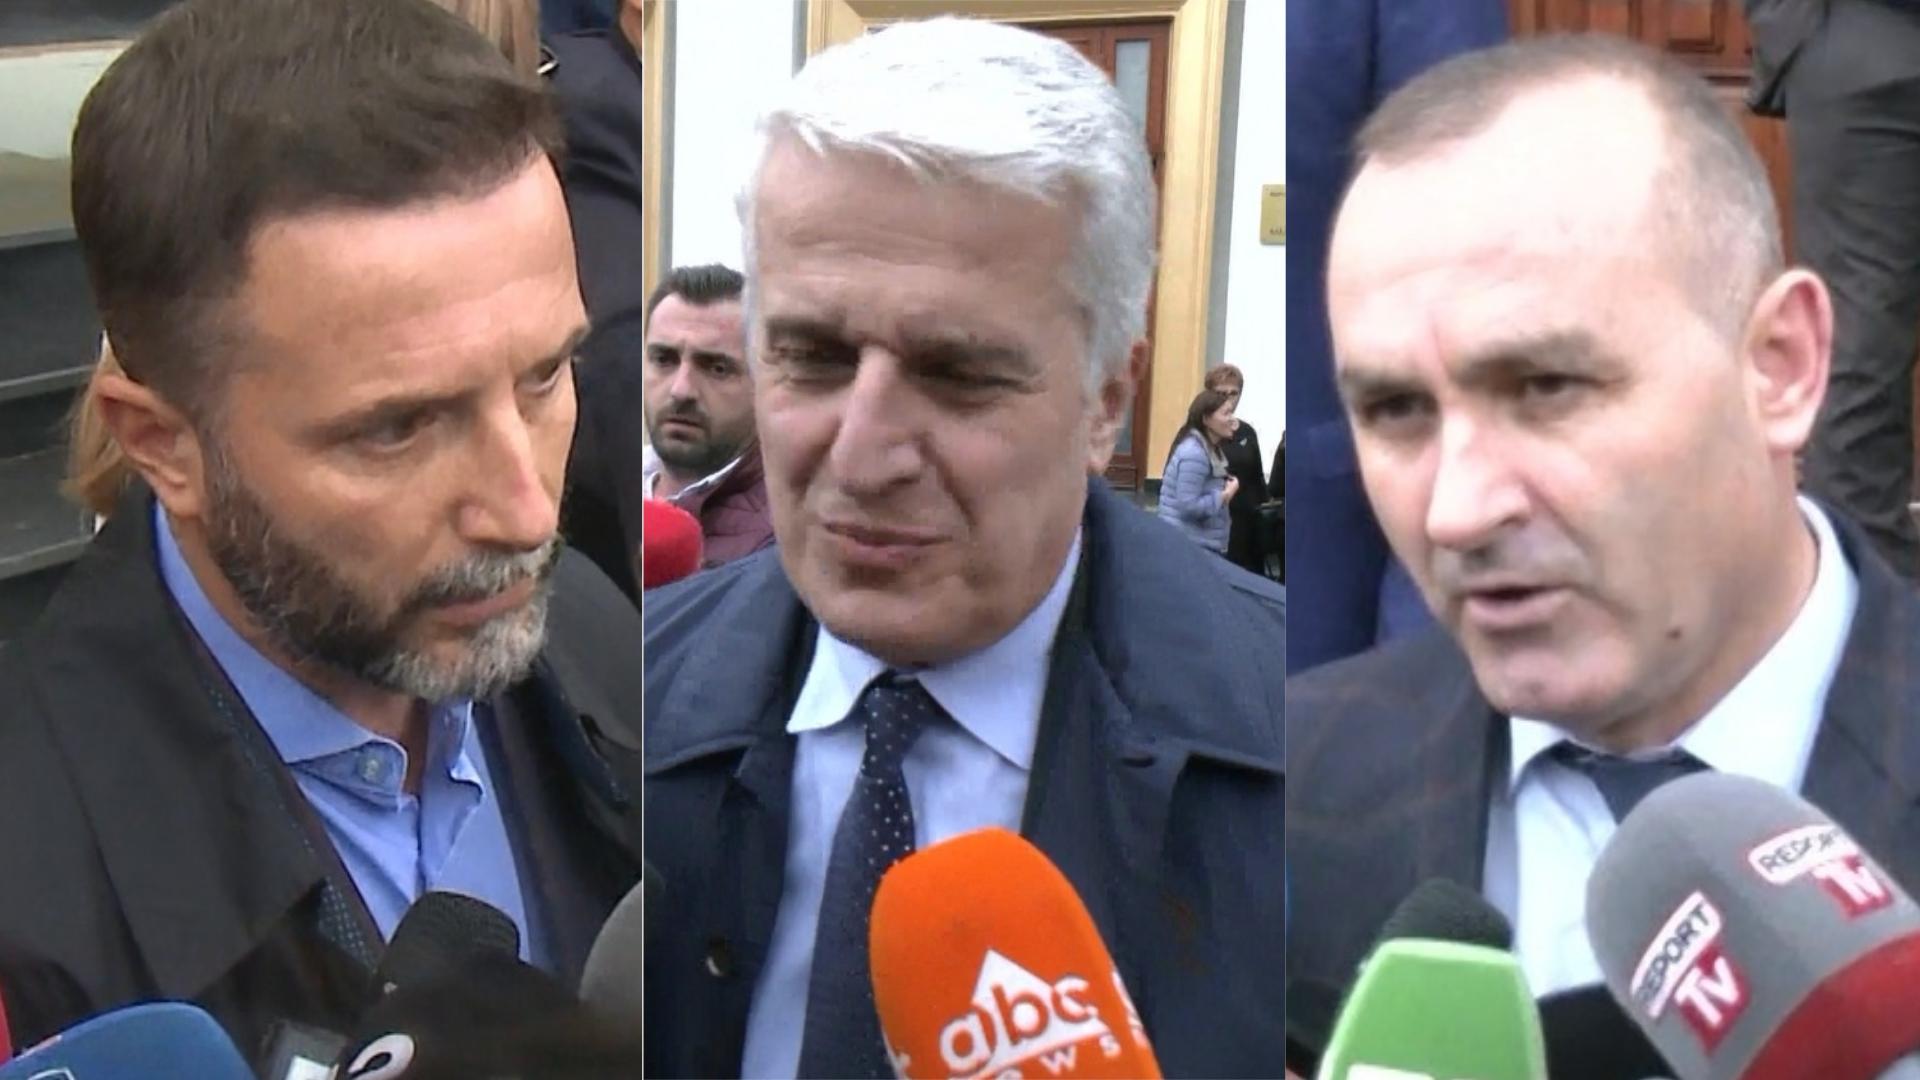 VIDEO/ Majko, Manja dhe Braçe tregojnë nëse i frikësohen shpërndarjes së Parlamentit nga Meta në orën 14:00